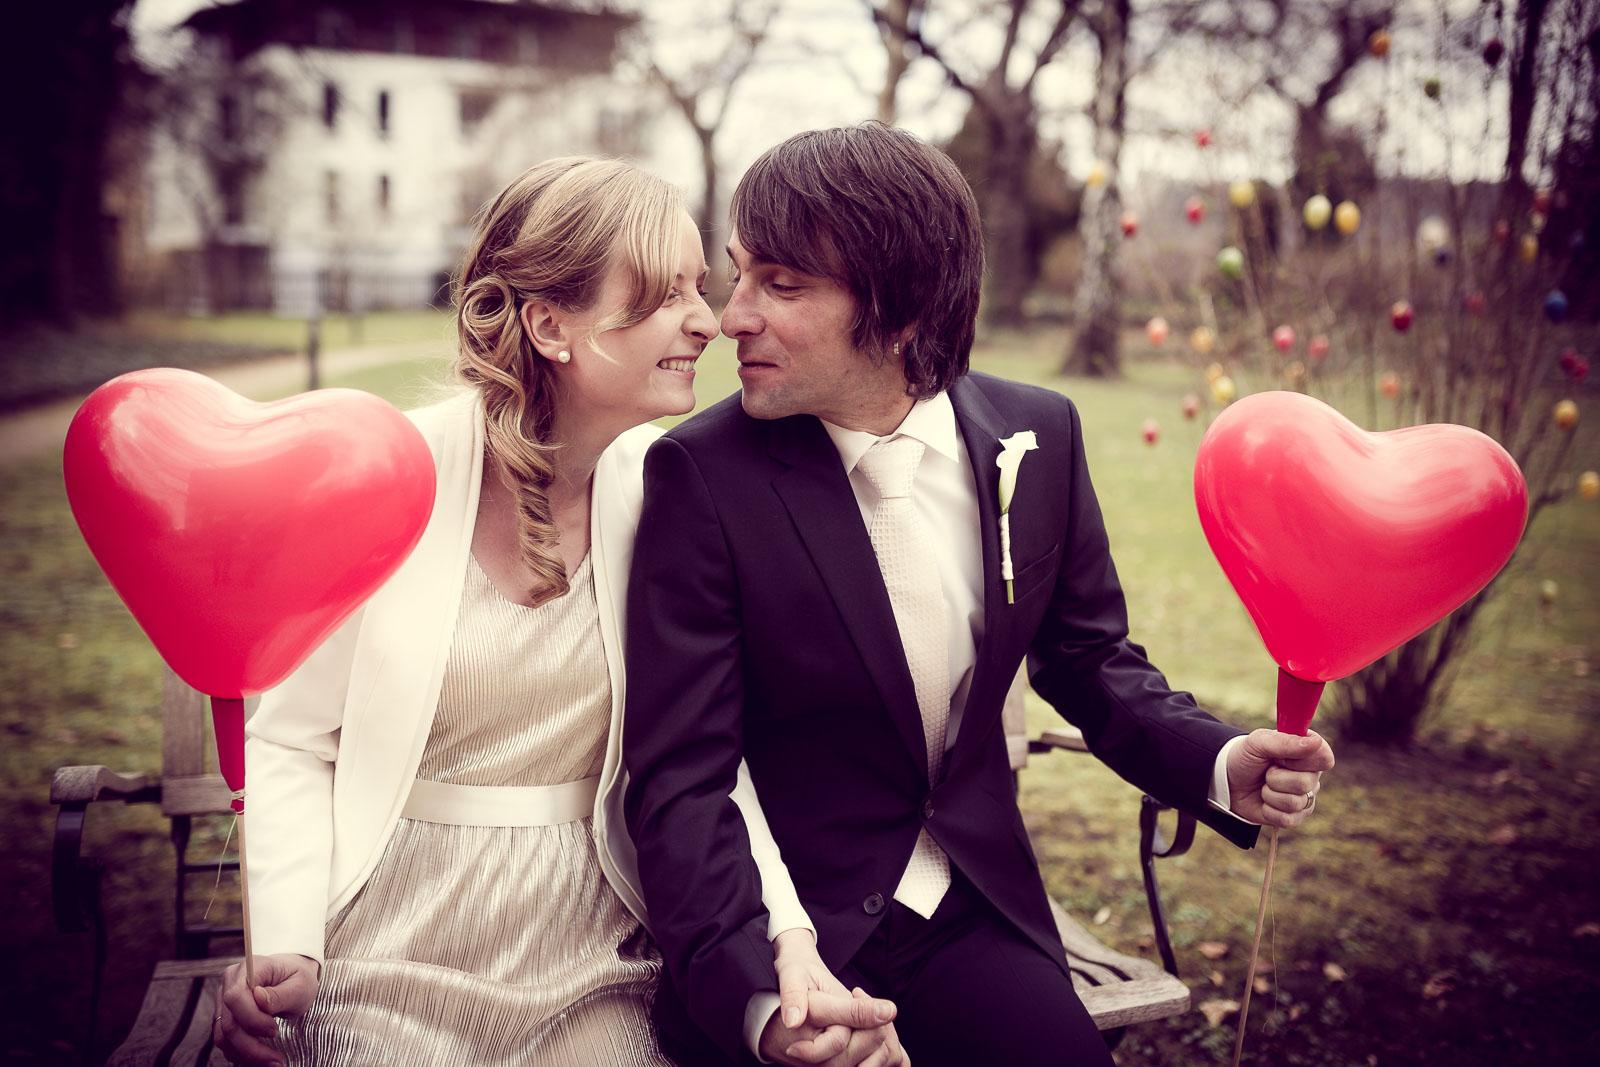 Hochzeitsfotograf Dresden - newpic.eu by Toni Kretschmer